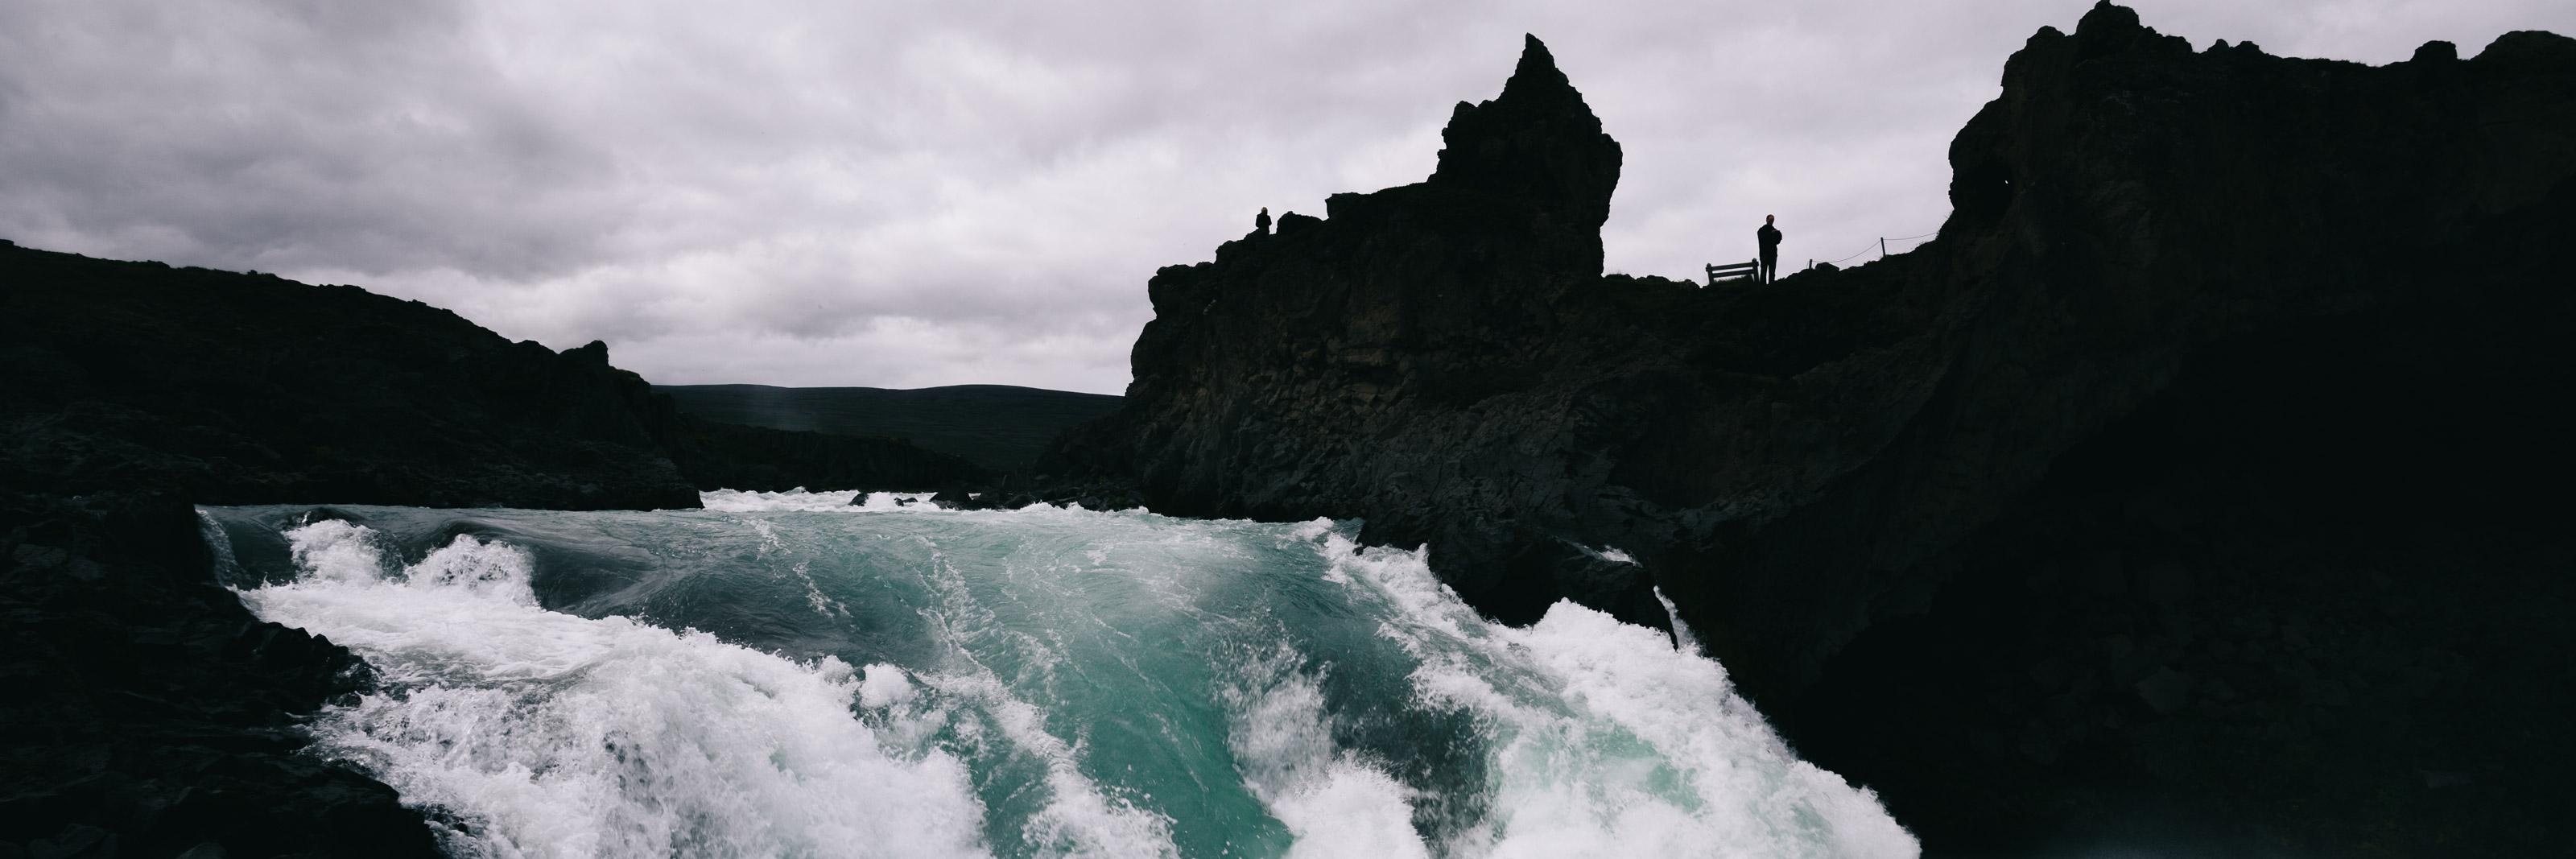 Image sommaire RÉCIT ISLANDE 2009 PARTIE 2. Silhouette près de la chute Godafoss.